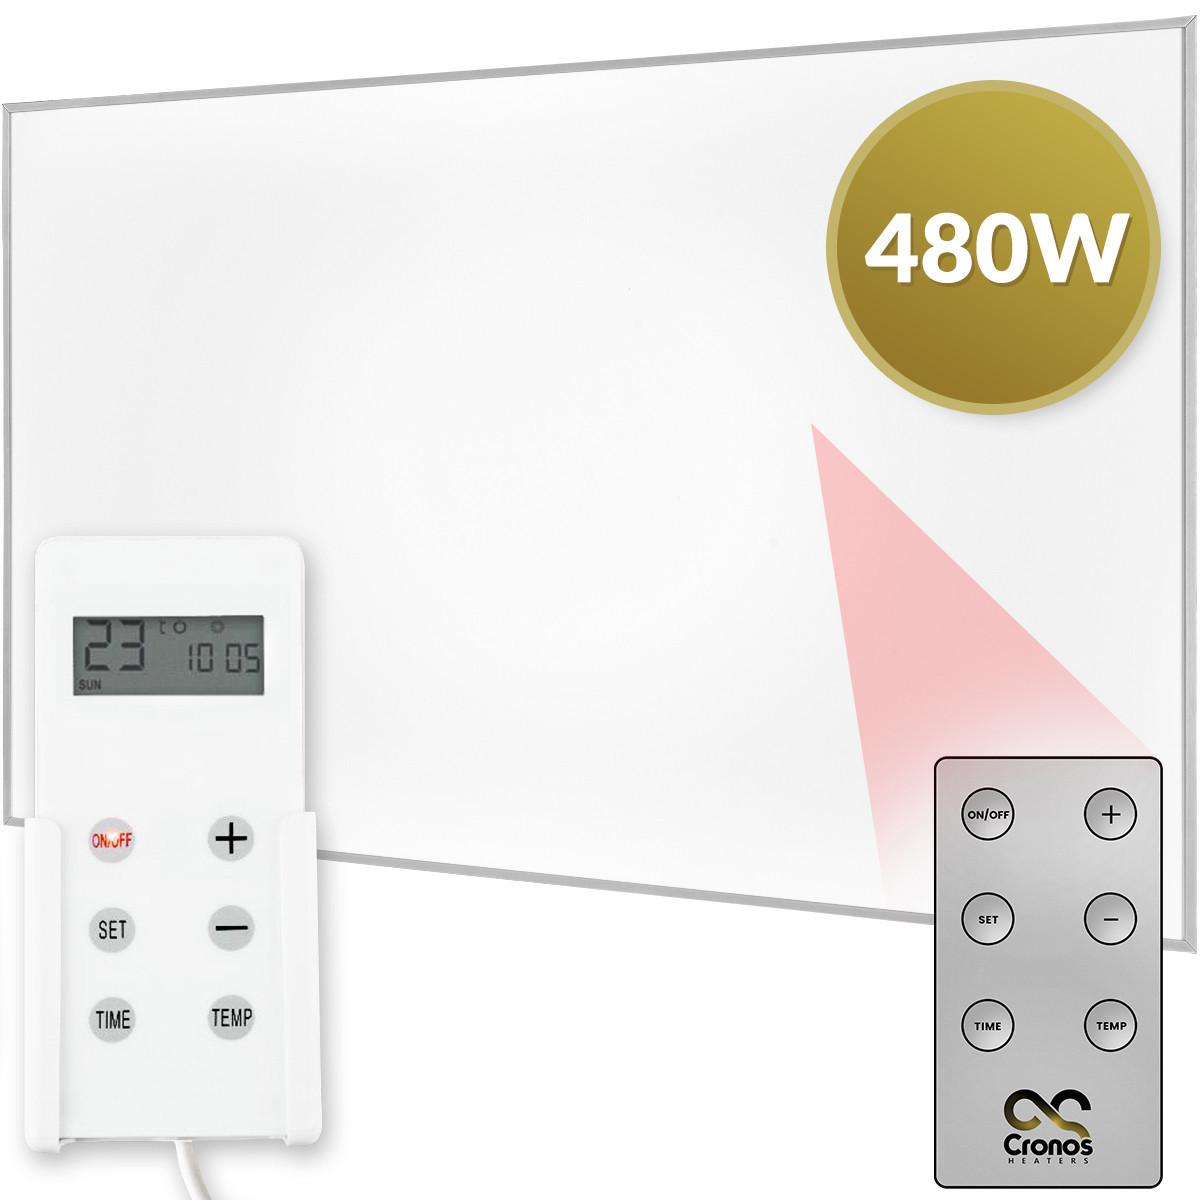 Panel grzewczy na podczerwień Cronos 480W z termostatem